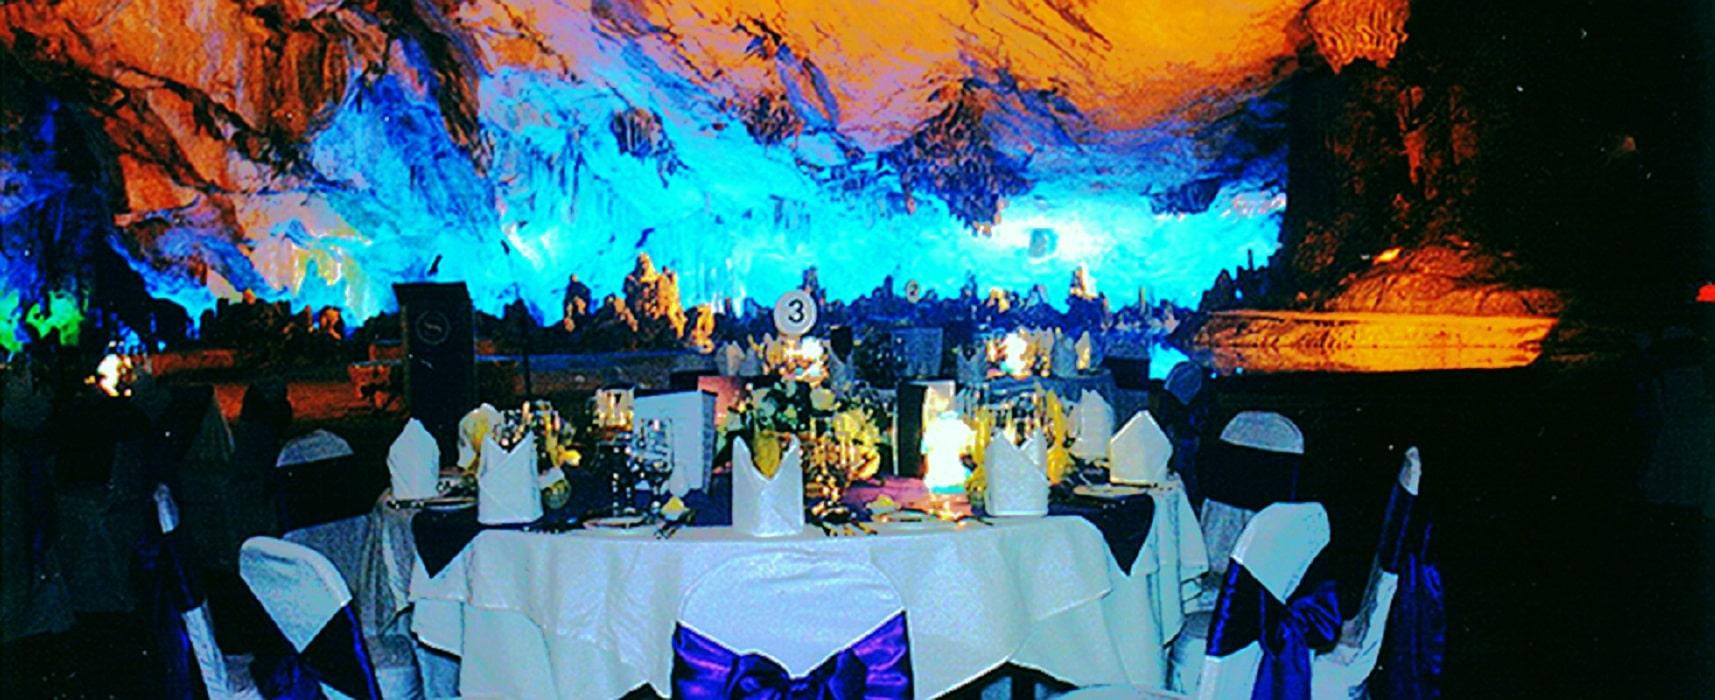 Restaurantul din interiorul peșterii